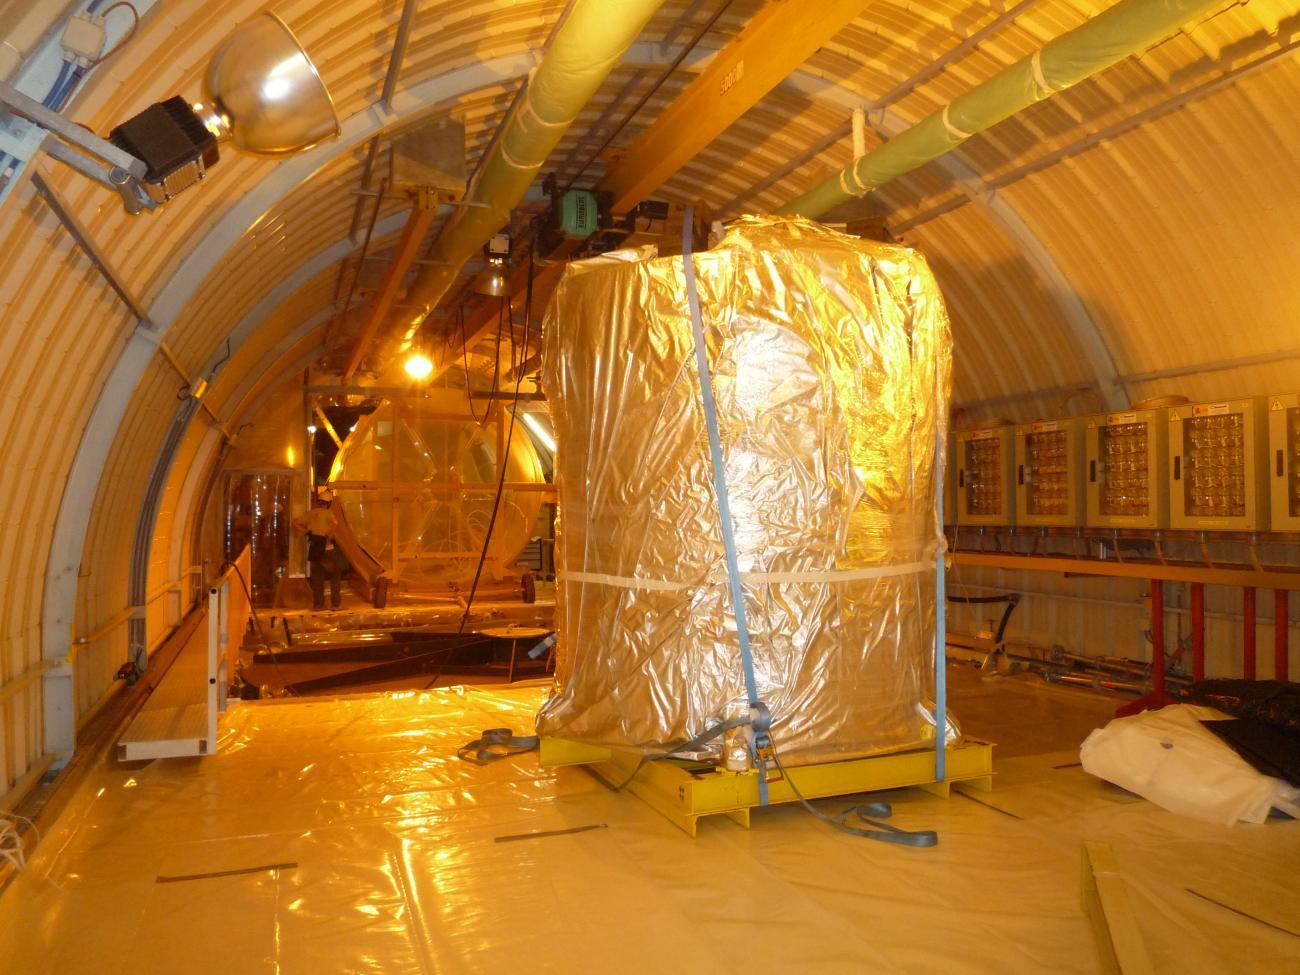 Cible et Gamma Catcher de Doble Chooz dans le labo neutrino